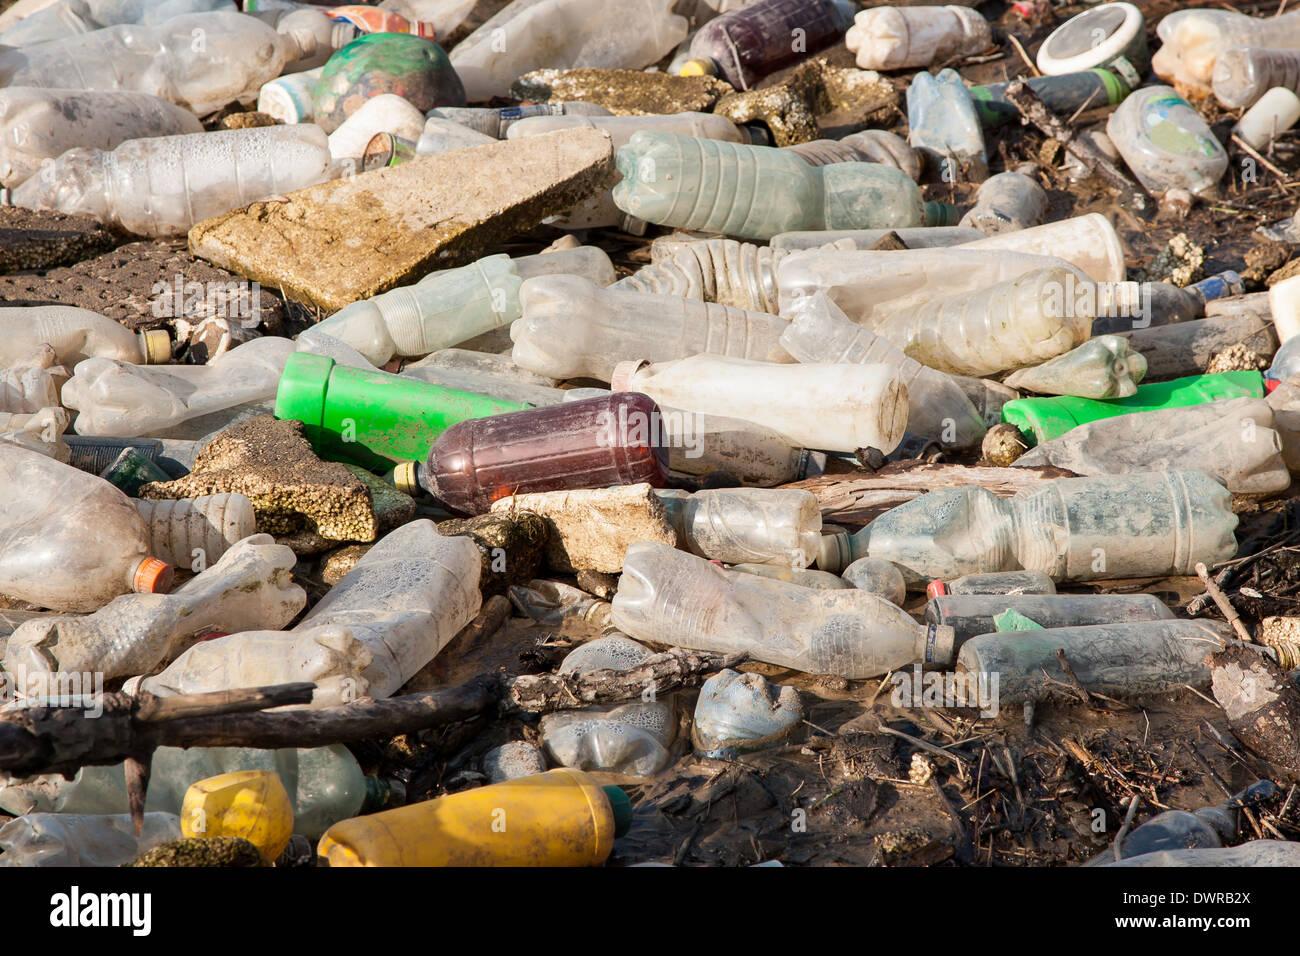 La contaminación ambiental. Botellas de plástico en el vertedero ilegal Imagen De Stock